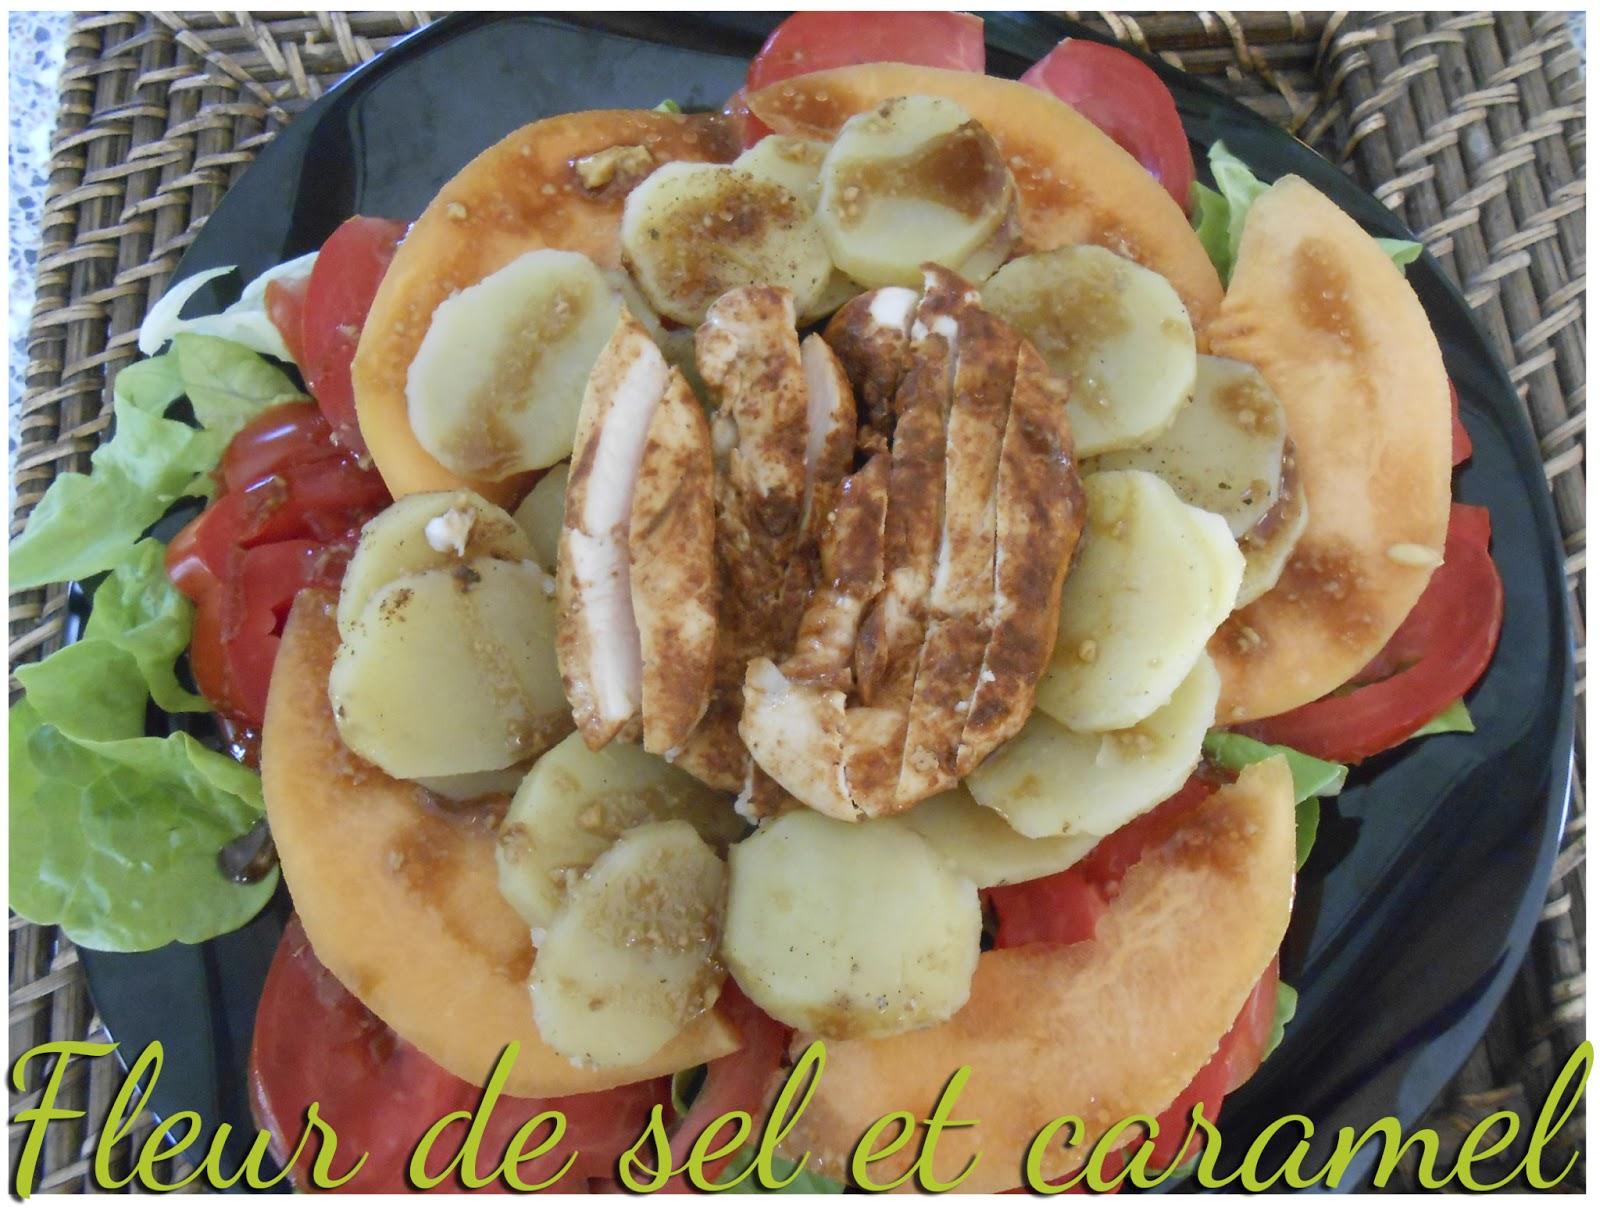 Fleur de sel et caramel salade soleil ti de de poulet paprika et pommes de terre sauce - Pomme de terre coup de soleil ...